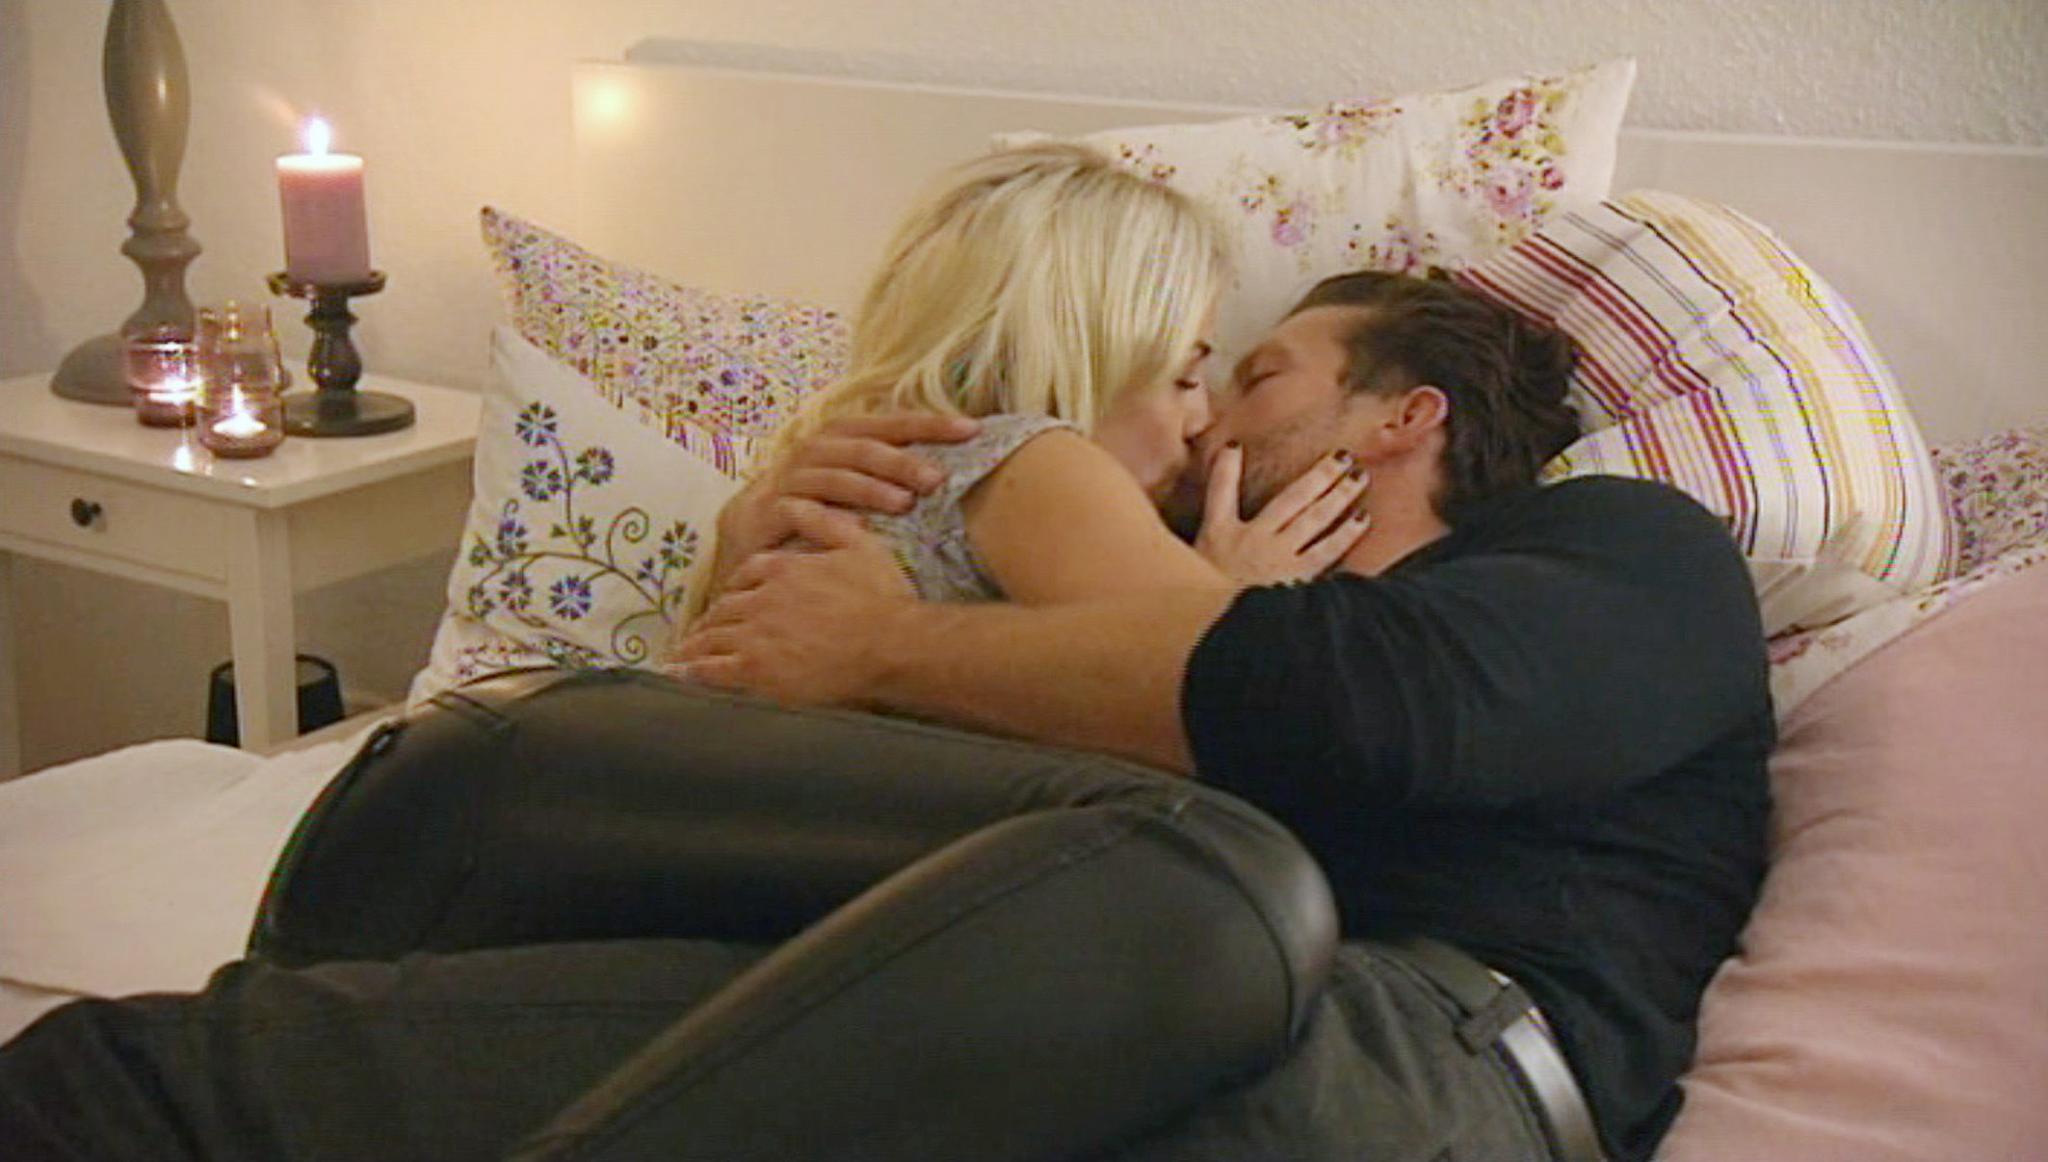 Oliver und Liz knutschen während des Homedates auf ihrem Bett.